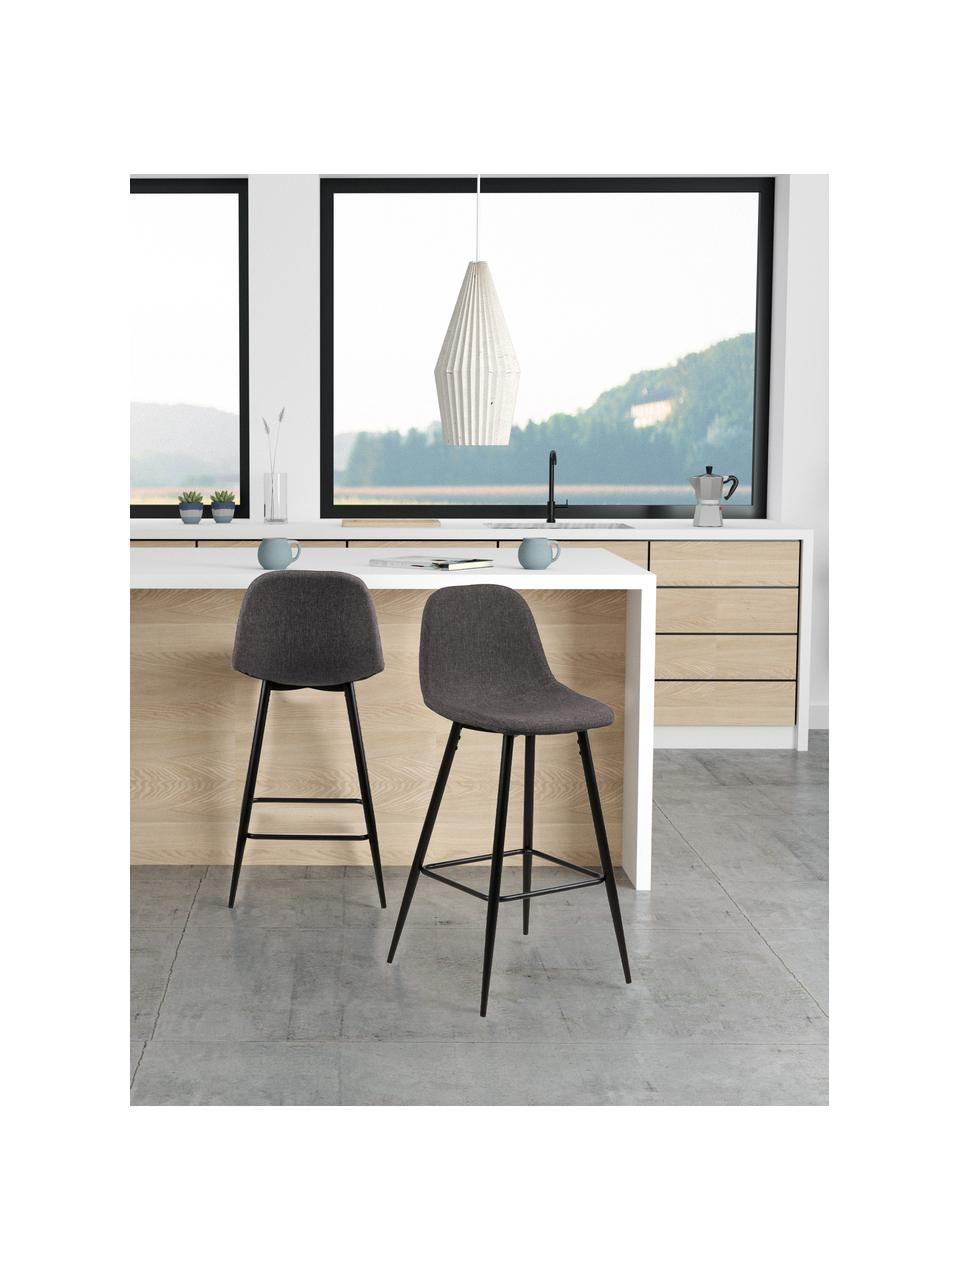 Sedia da bar in tessuto grigio Wailma 2 pz, Rivestimento: poliestere, Struttura: metallo verniciato, Grigio, Larg. 44 x Alt. 91 cm